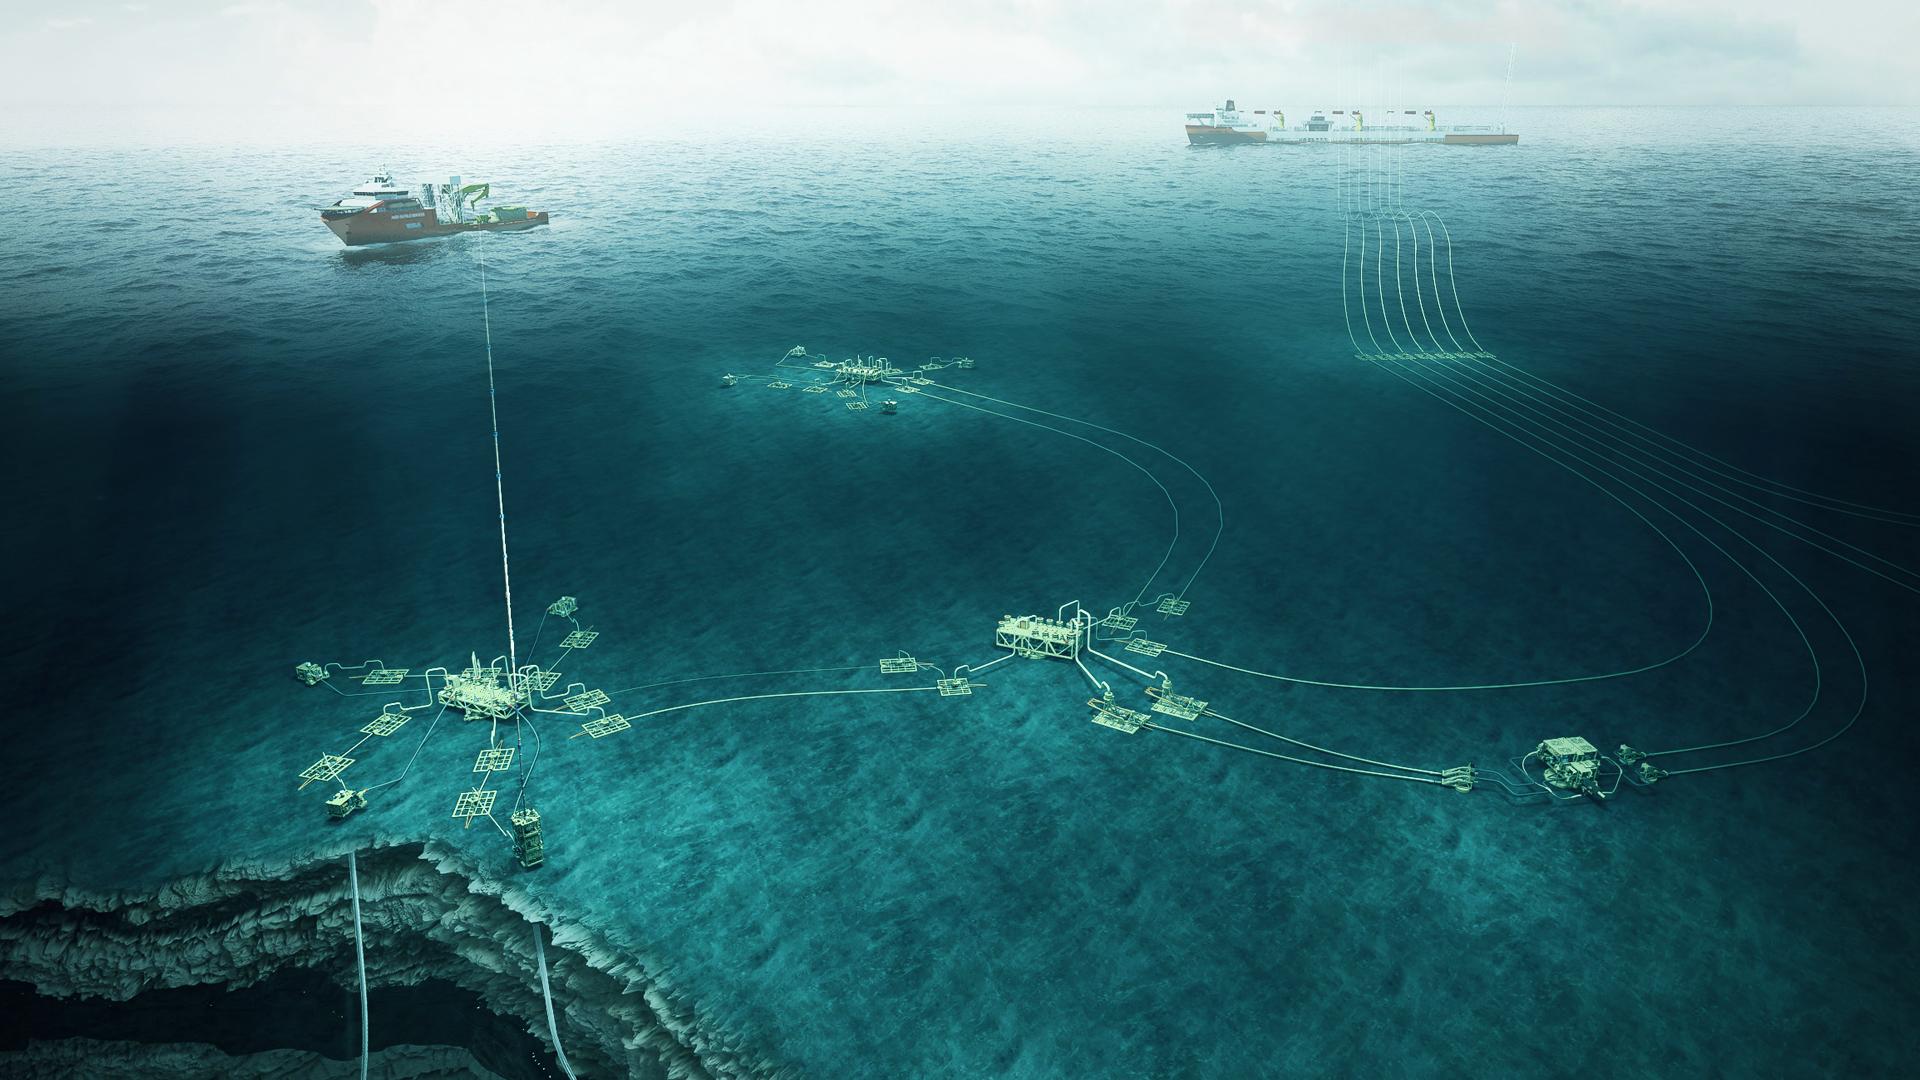 Licitaciones de Petrobras por equipos submarinos supondrían contratos multimillonarios